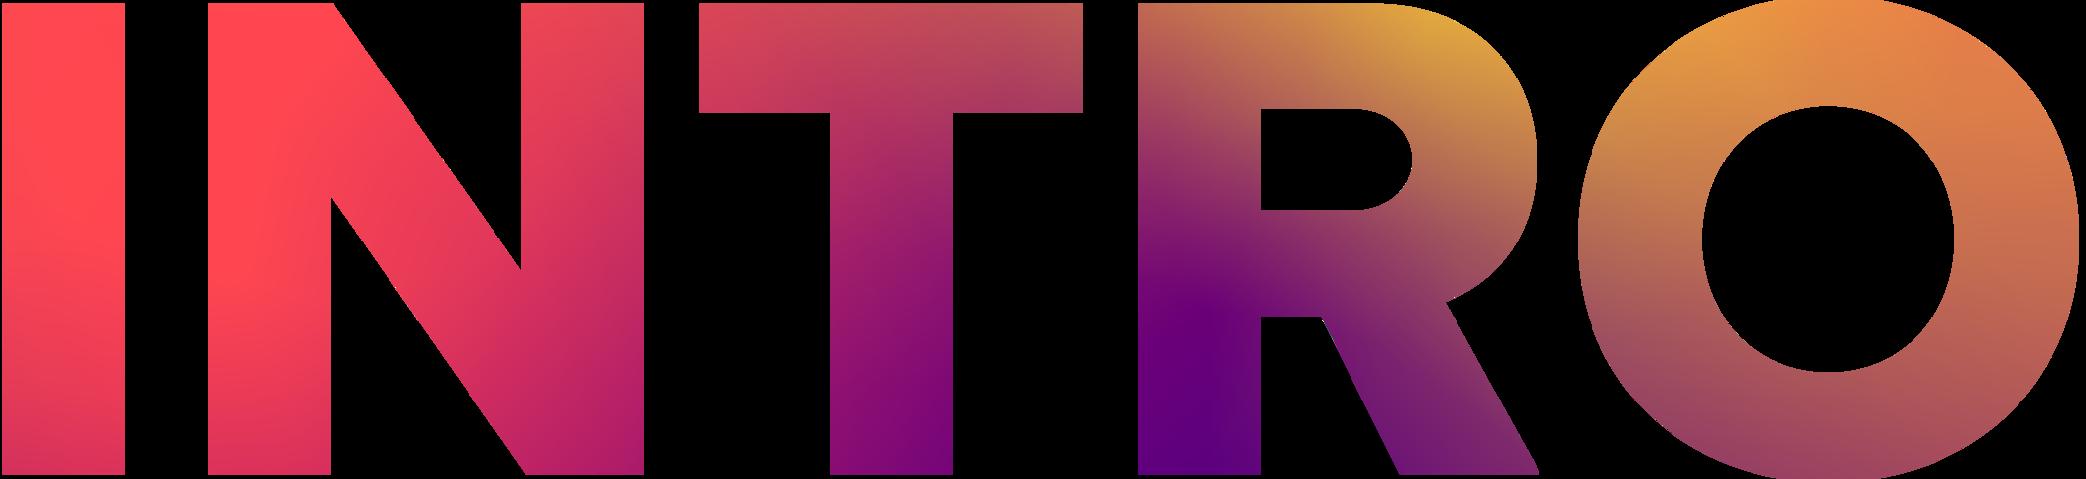 Indie VC logo